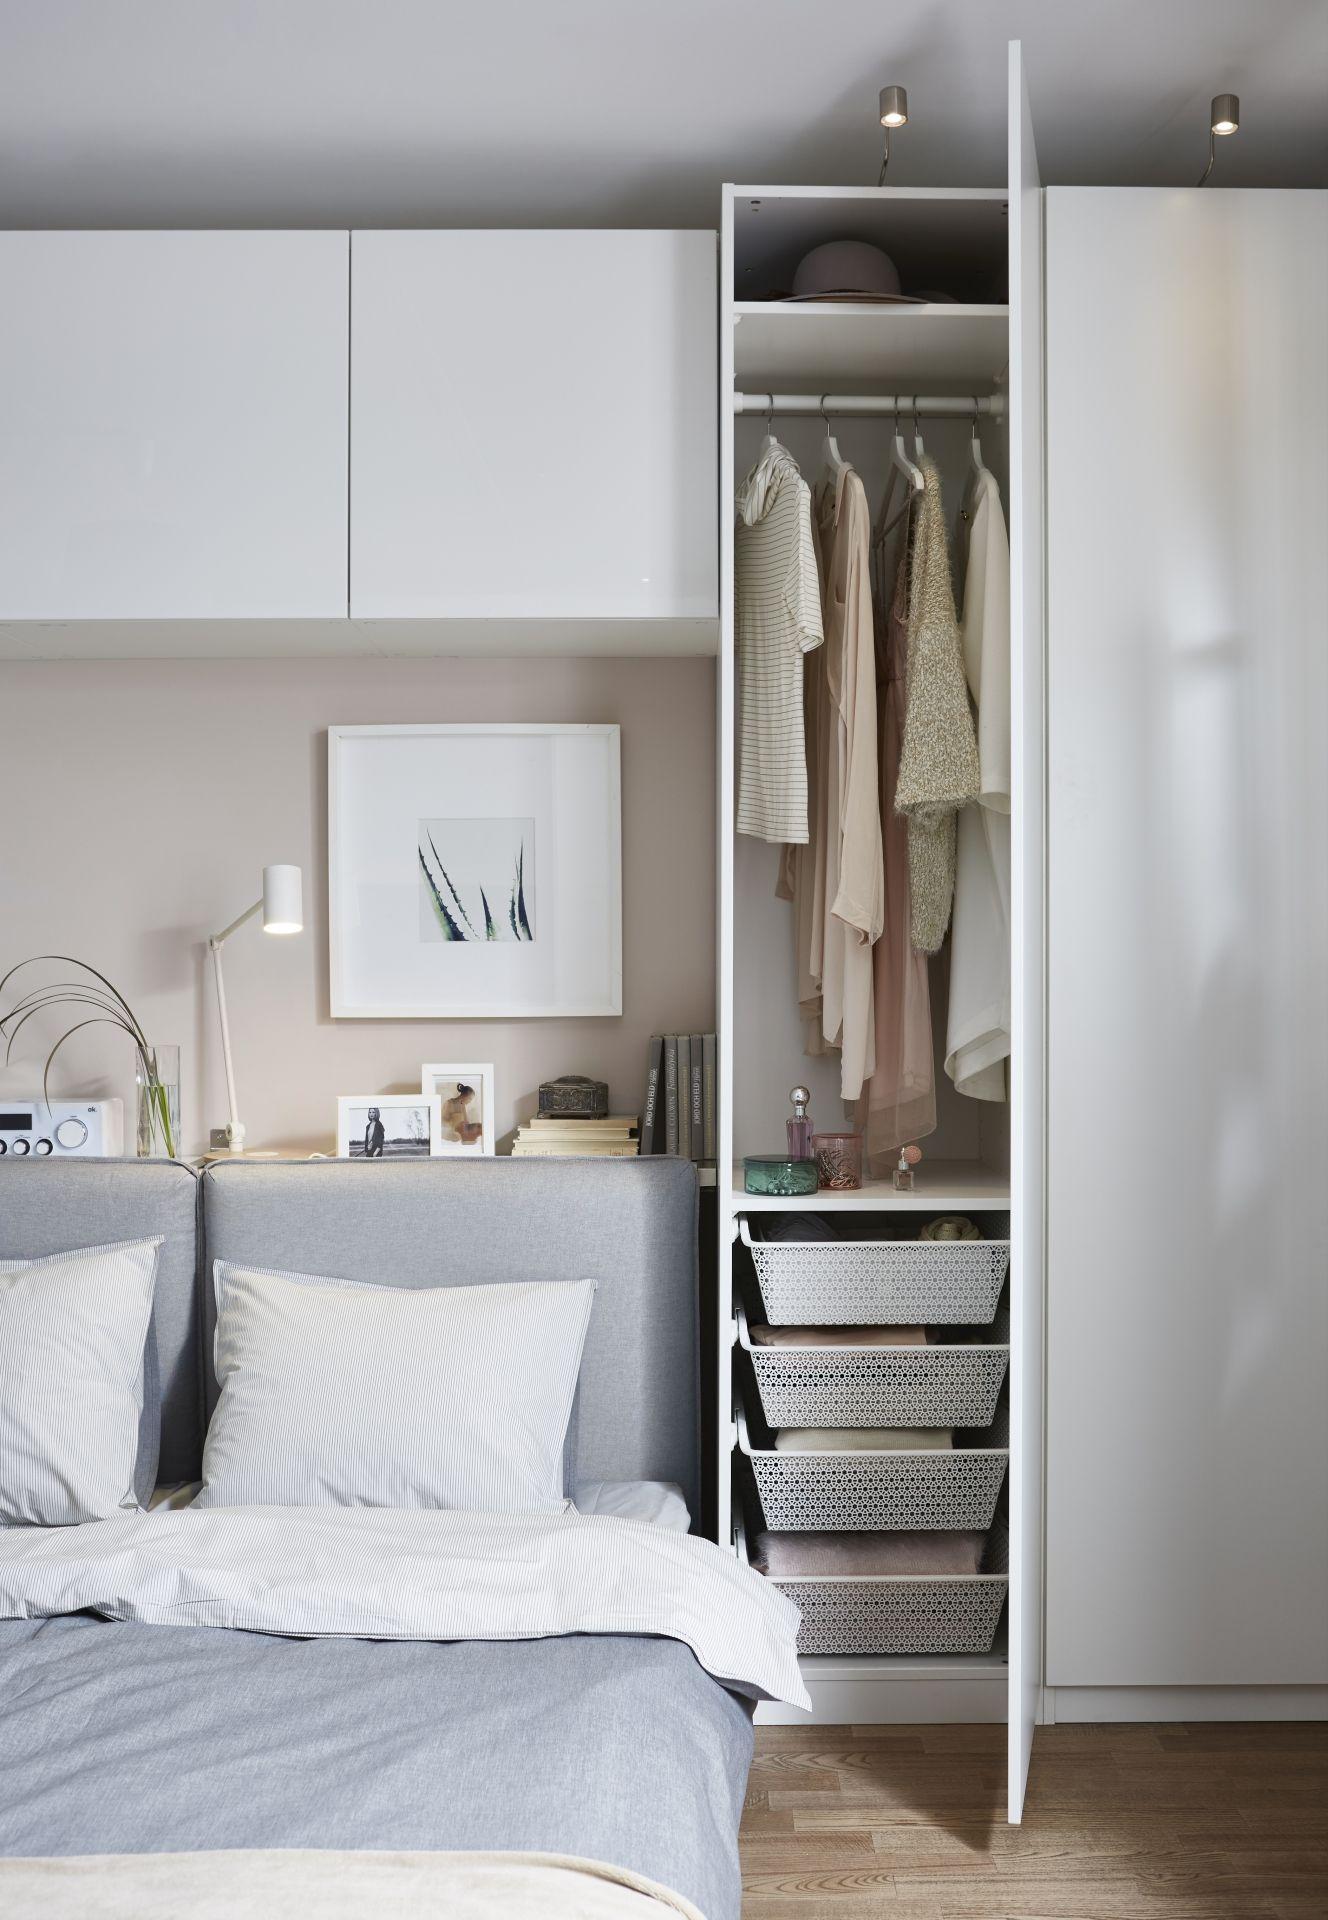 Full Size of Ikea Deutschland Man Kann Paund Best Super Kombinieren Fr Schlafzimmer Set Weiß Deckenleuchten Komplette Loddenkemper Wandleuchte Weiss Vorhänge Mit Wohnzimmer Schlafzimmer überbau